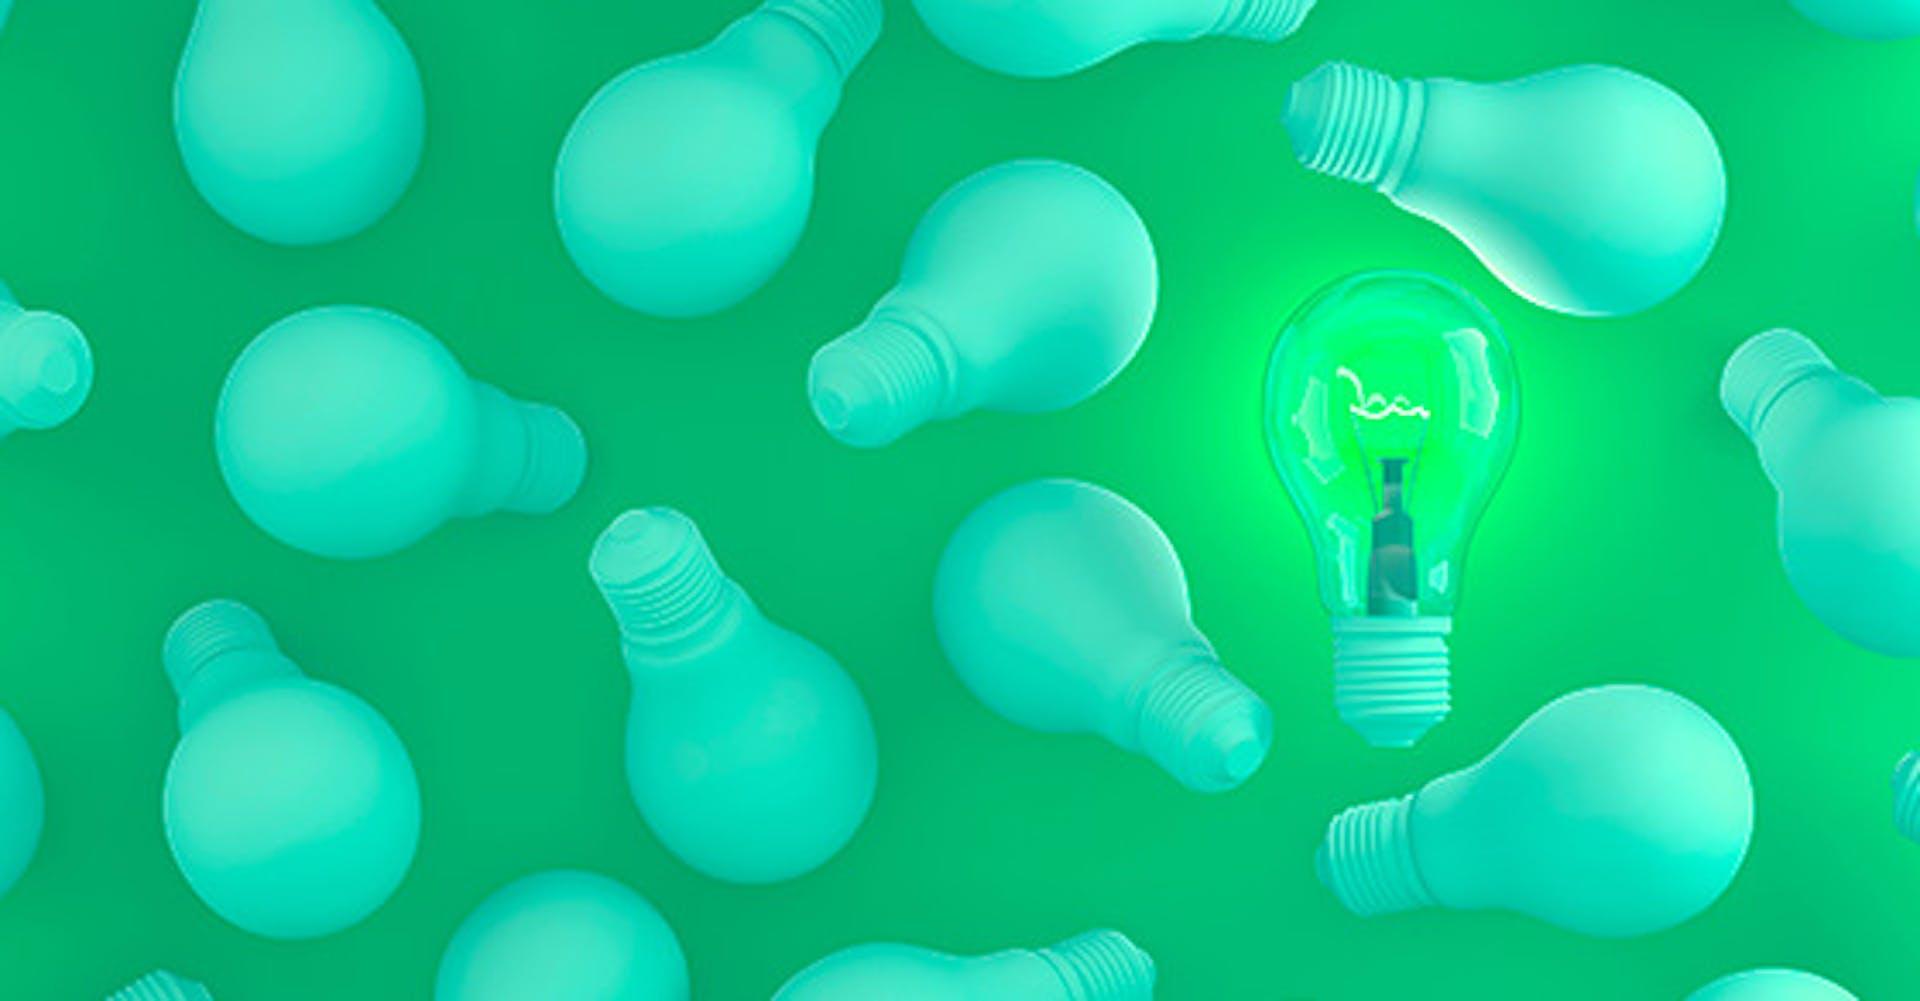 5 Claves del Design Thinking para el trabajo y la vida: con Gonzalo Pérez P.